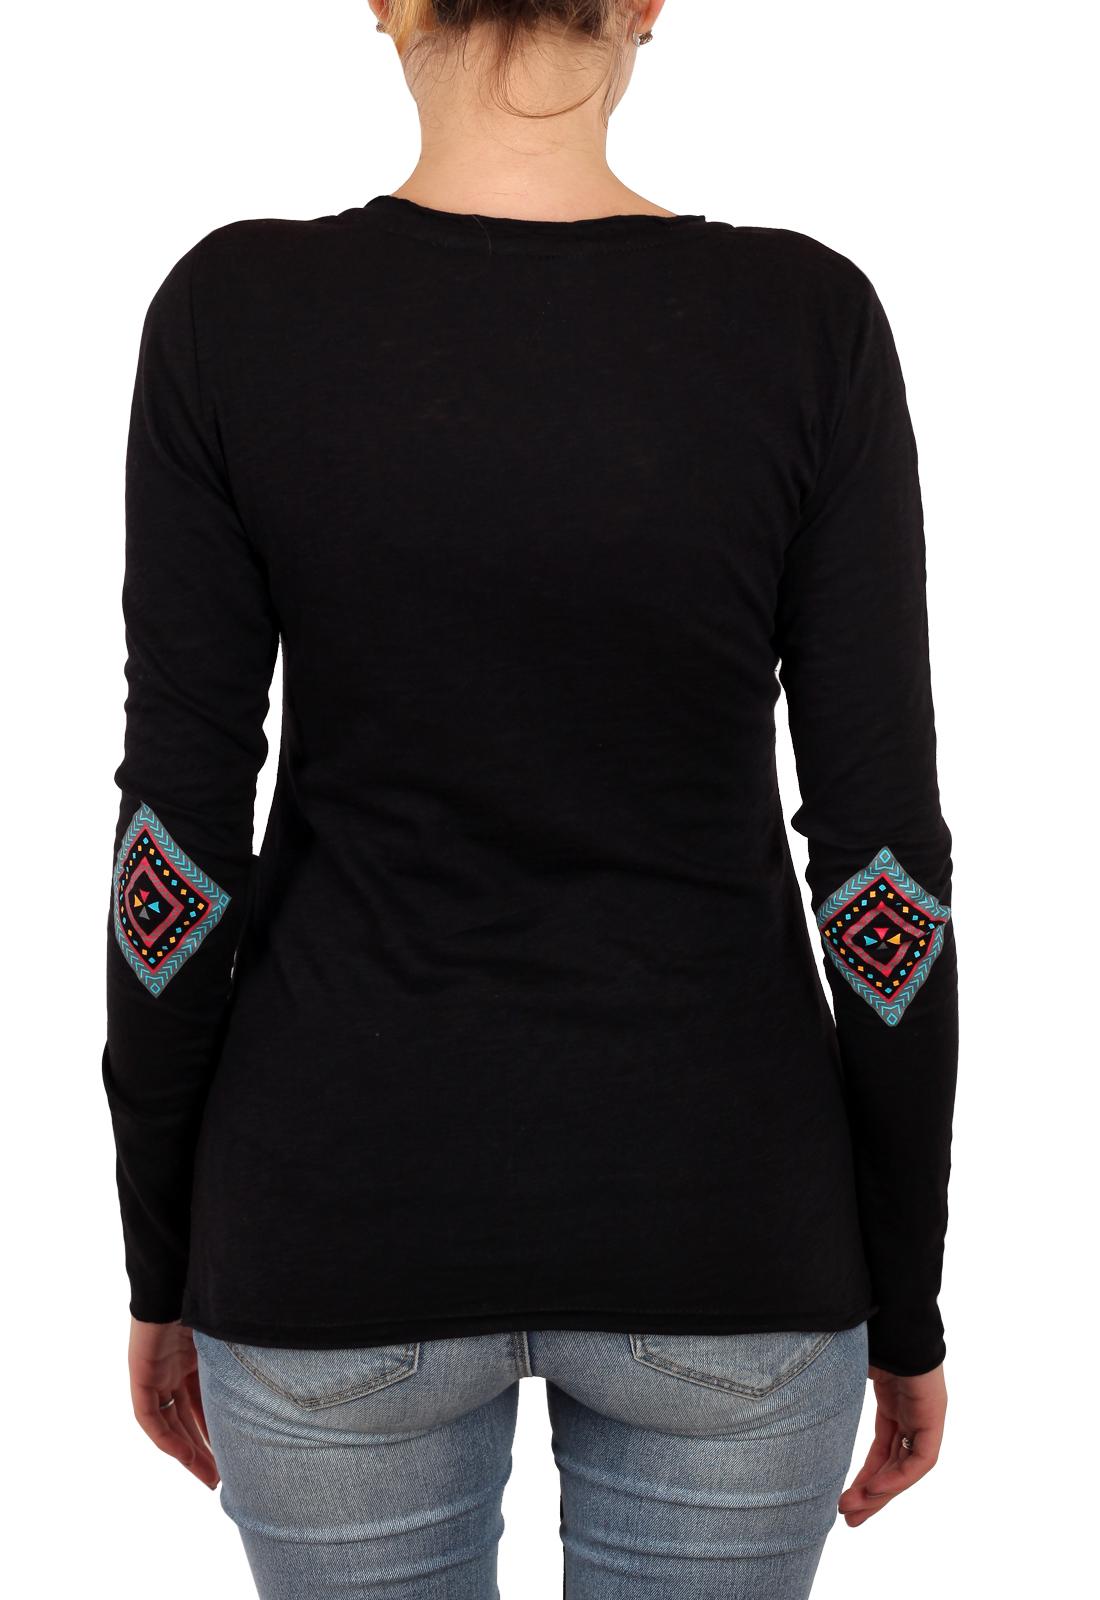 Роскошный БОХО-стиль для тебя! Женский реглан Panhandle с соблазнительным декольте. Заказывай под джинсы!